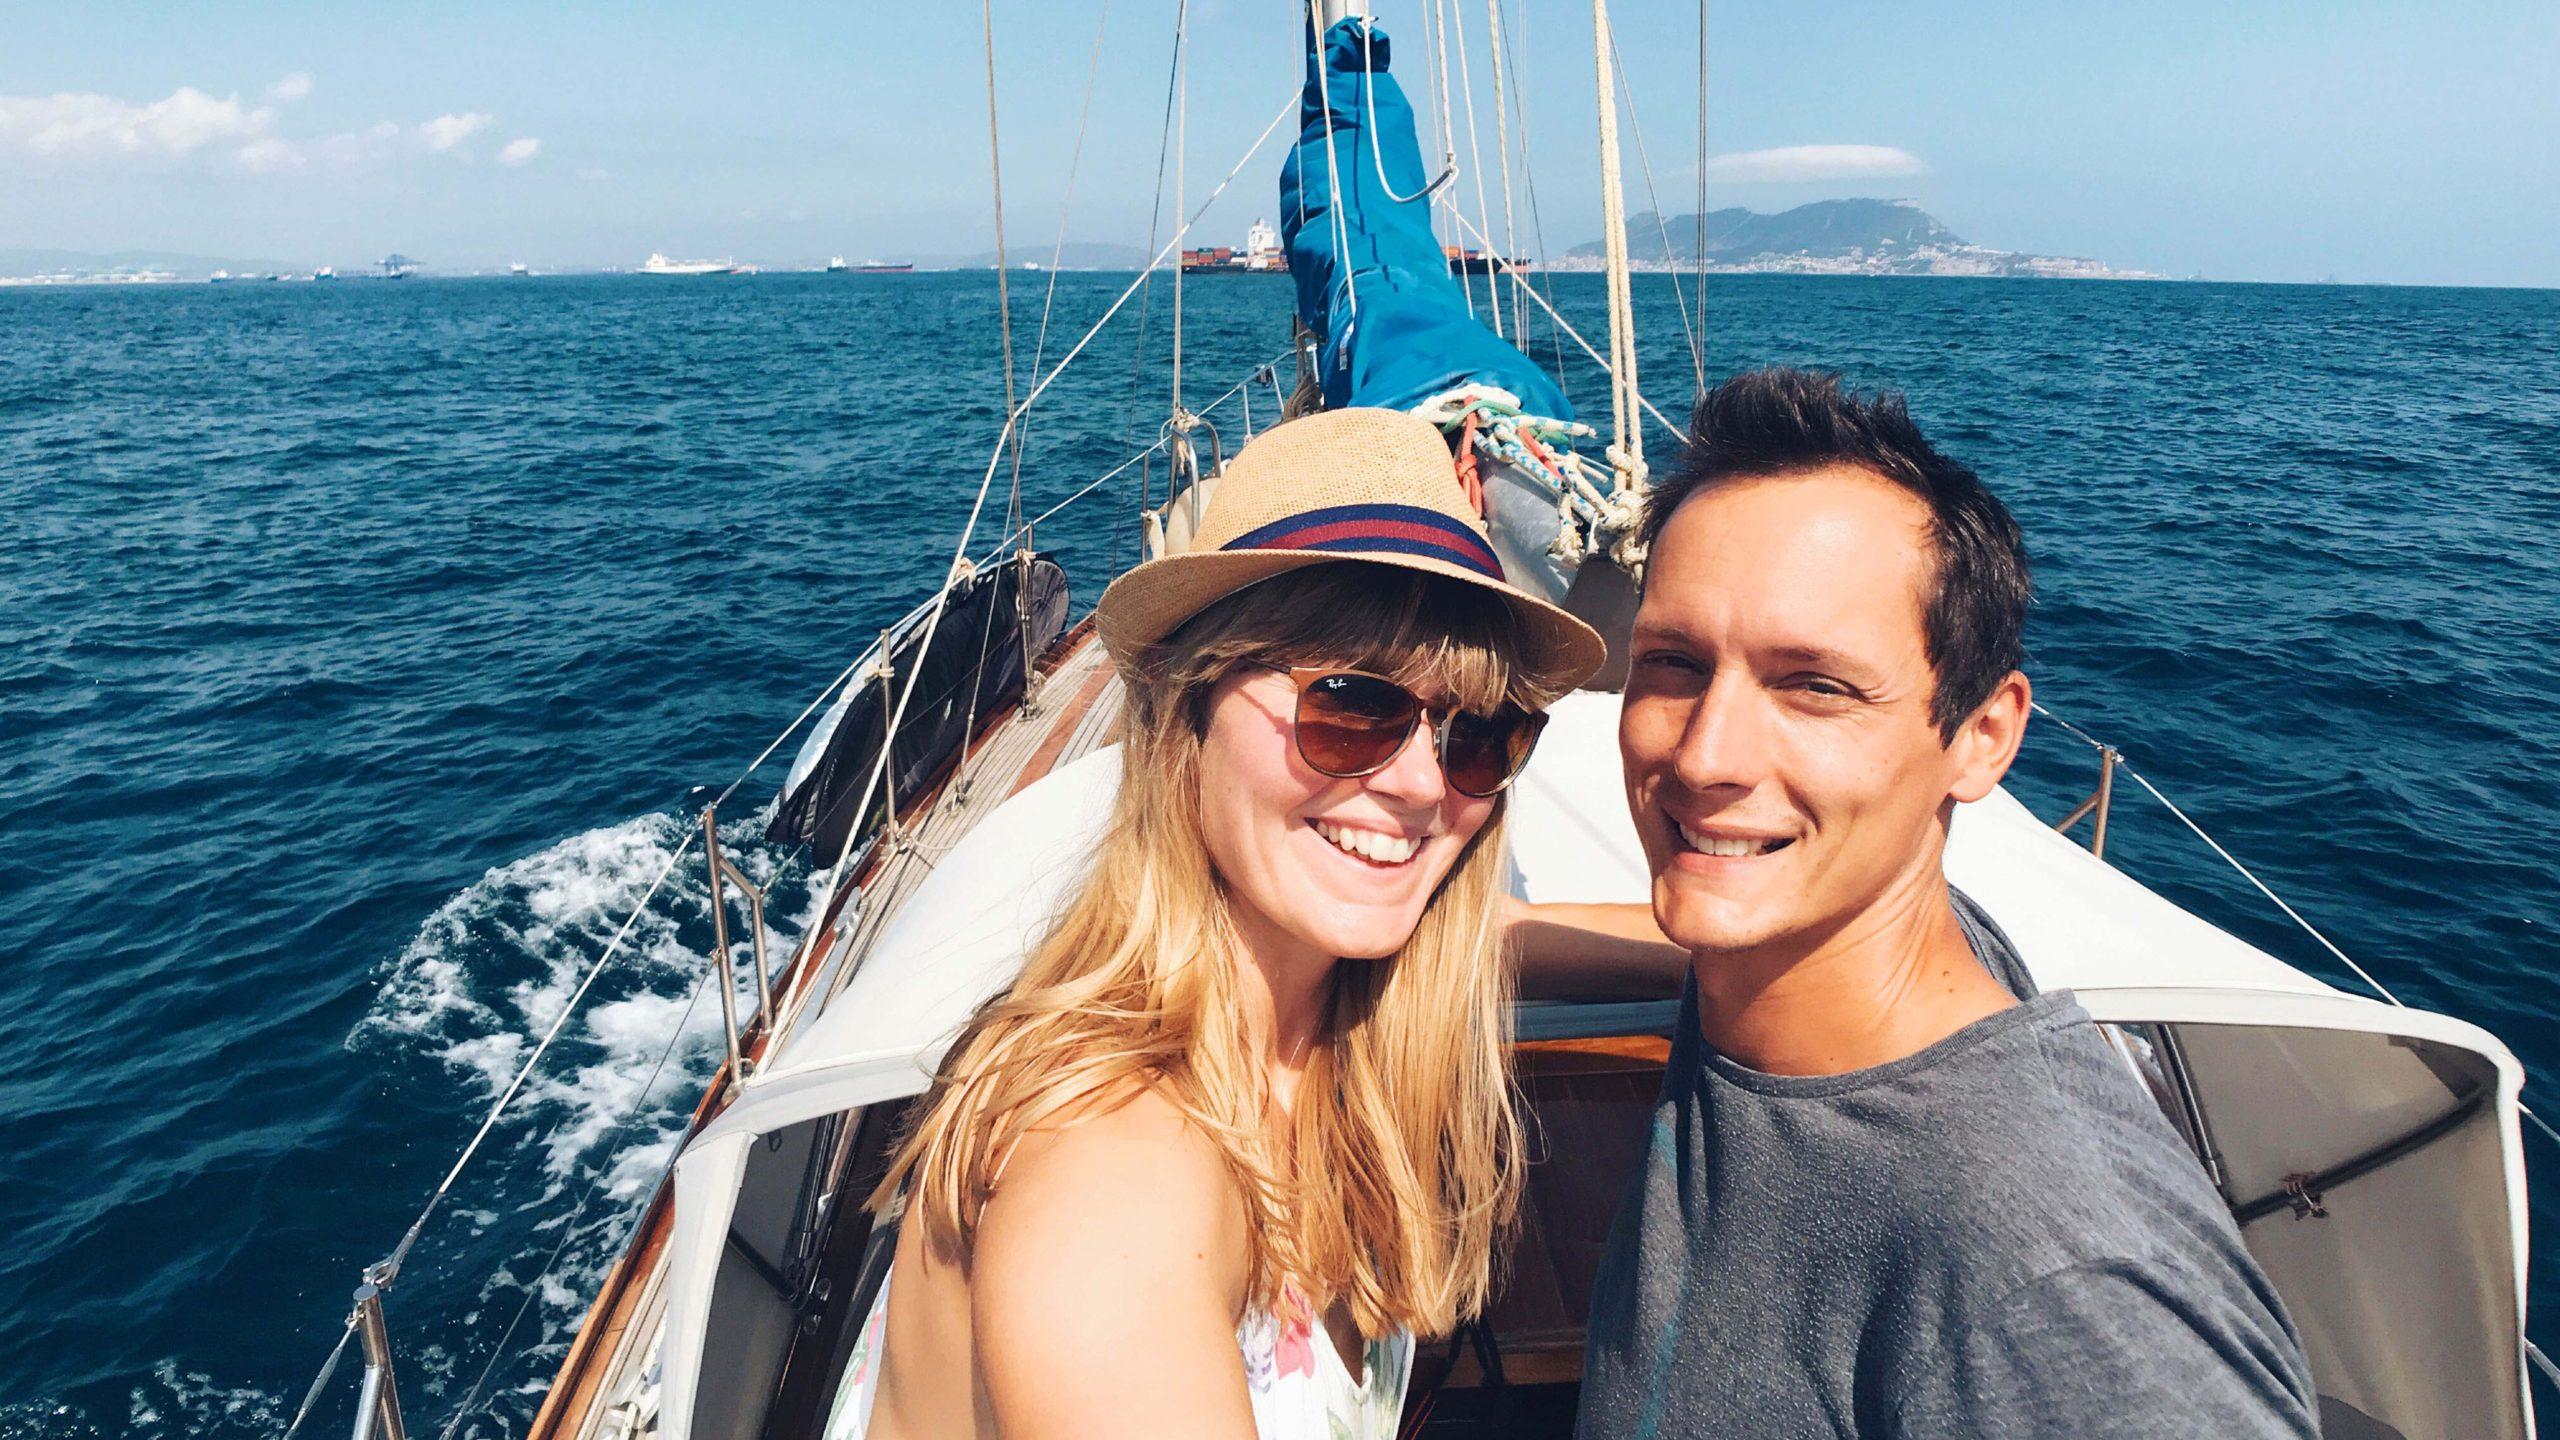 Kathi and Max on Makani